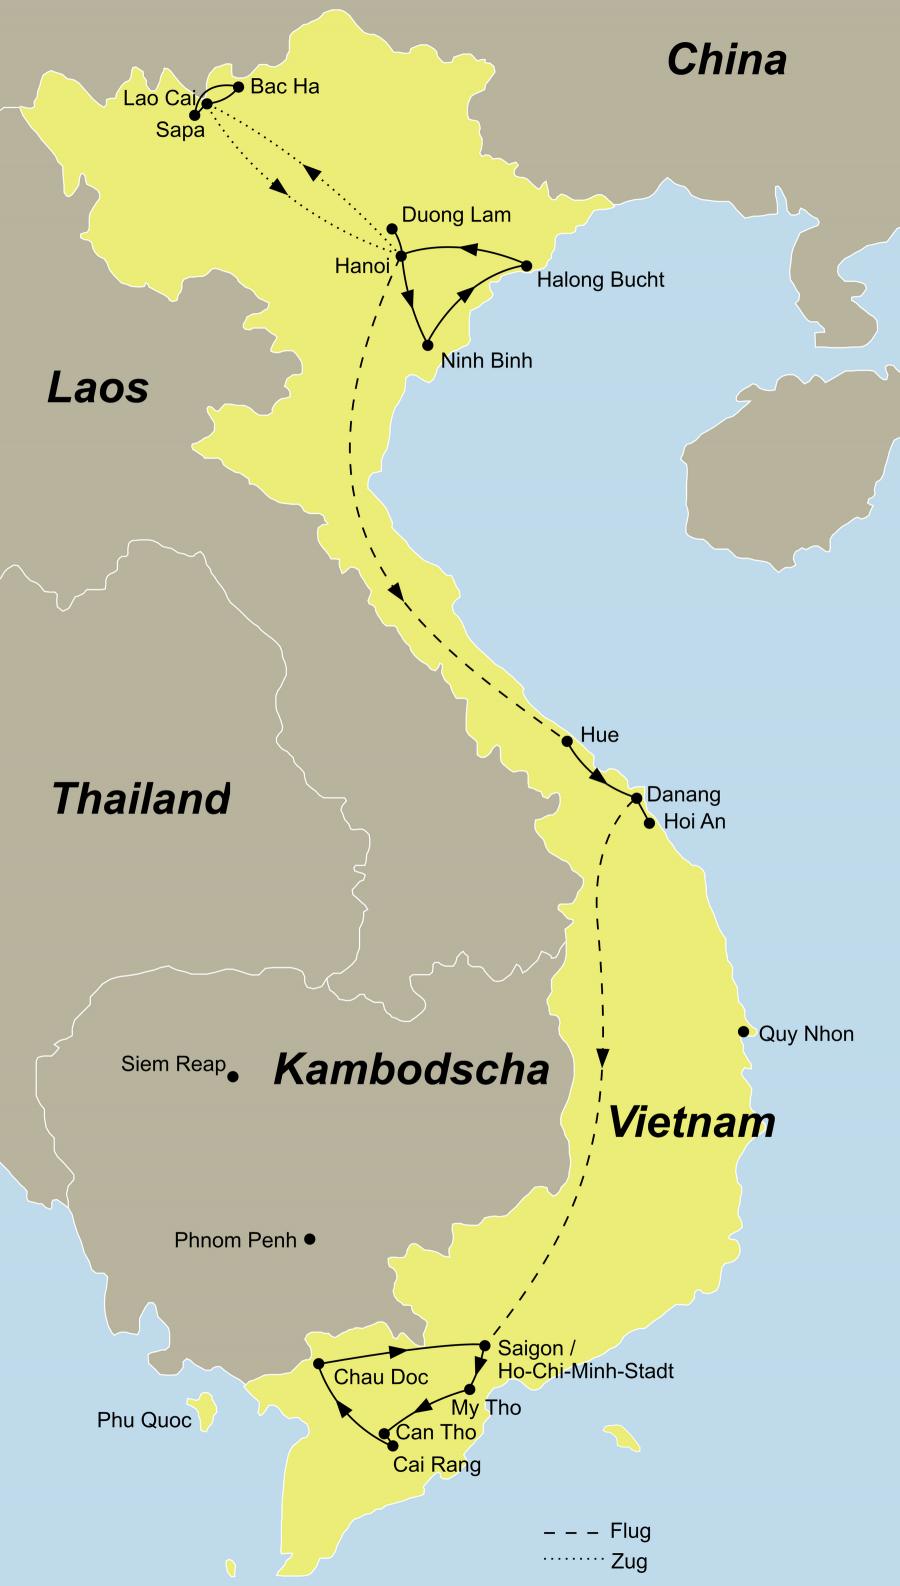 Die Rundreise Vietnam von Nord nach Süd führt von Hanoi über Duong Lam – Hanoi – Lao Cai -- Lao Cai – Sapa -- Bac Ha – Lao Cai – Hanoi -- Ninh Binh – Halong Bucht -- Hanoi – Hue -- Danang – Hoi An -- Danang – Saigon -- Can Tho -- Cai Rang – Chau Doc zurück nach Saigon.